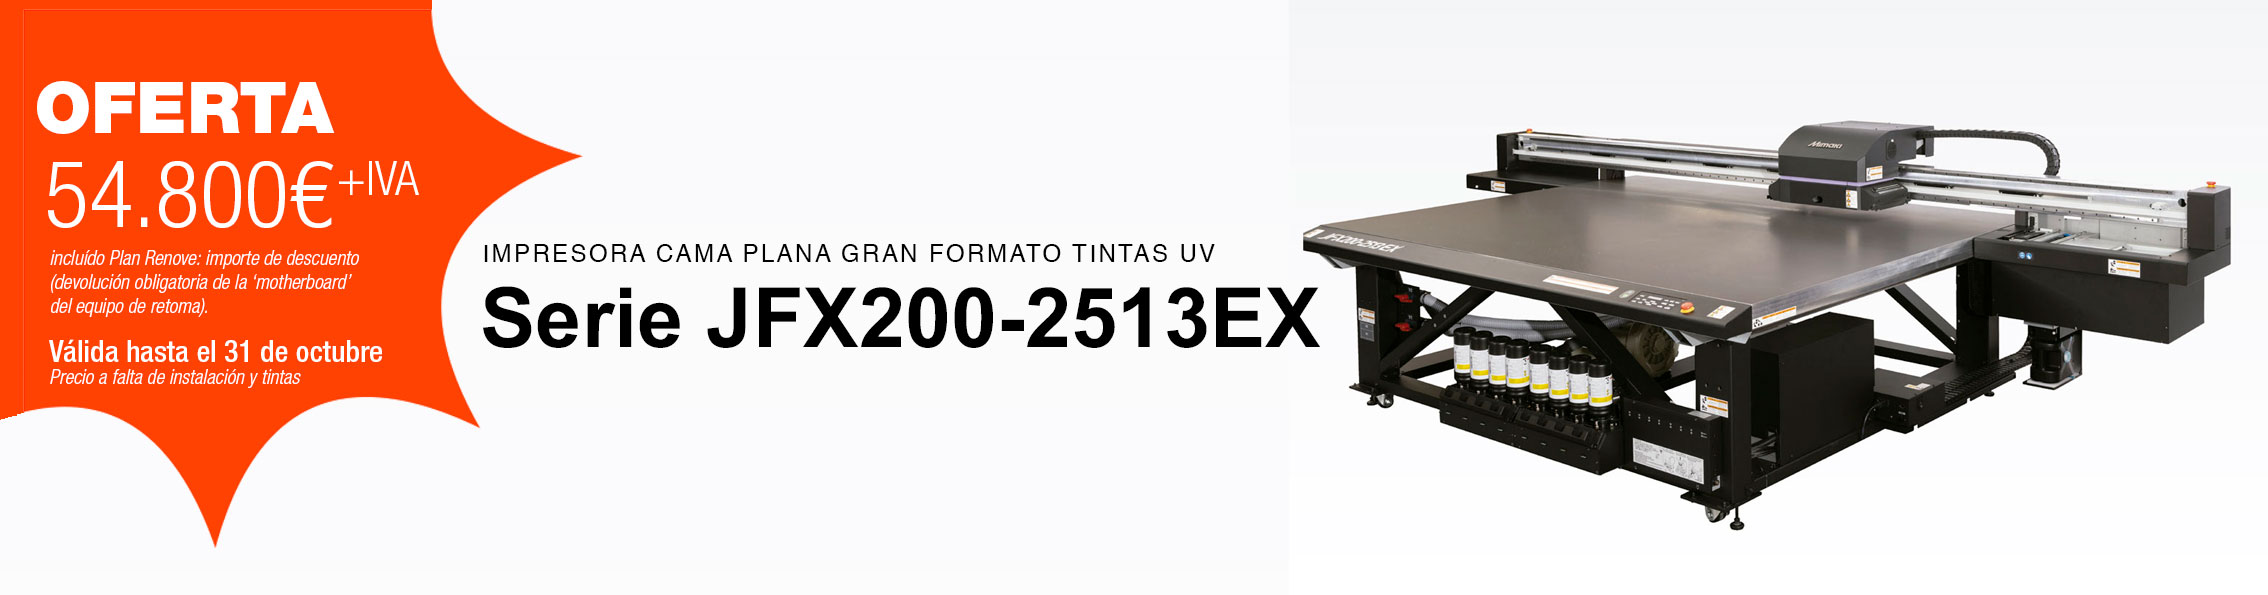 OFERTAS-JFX200-2513EX